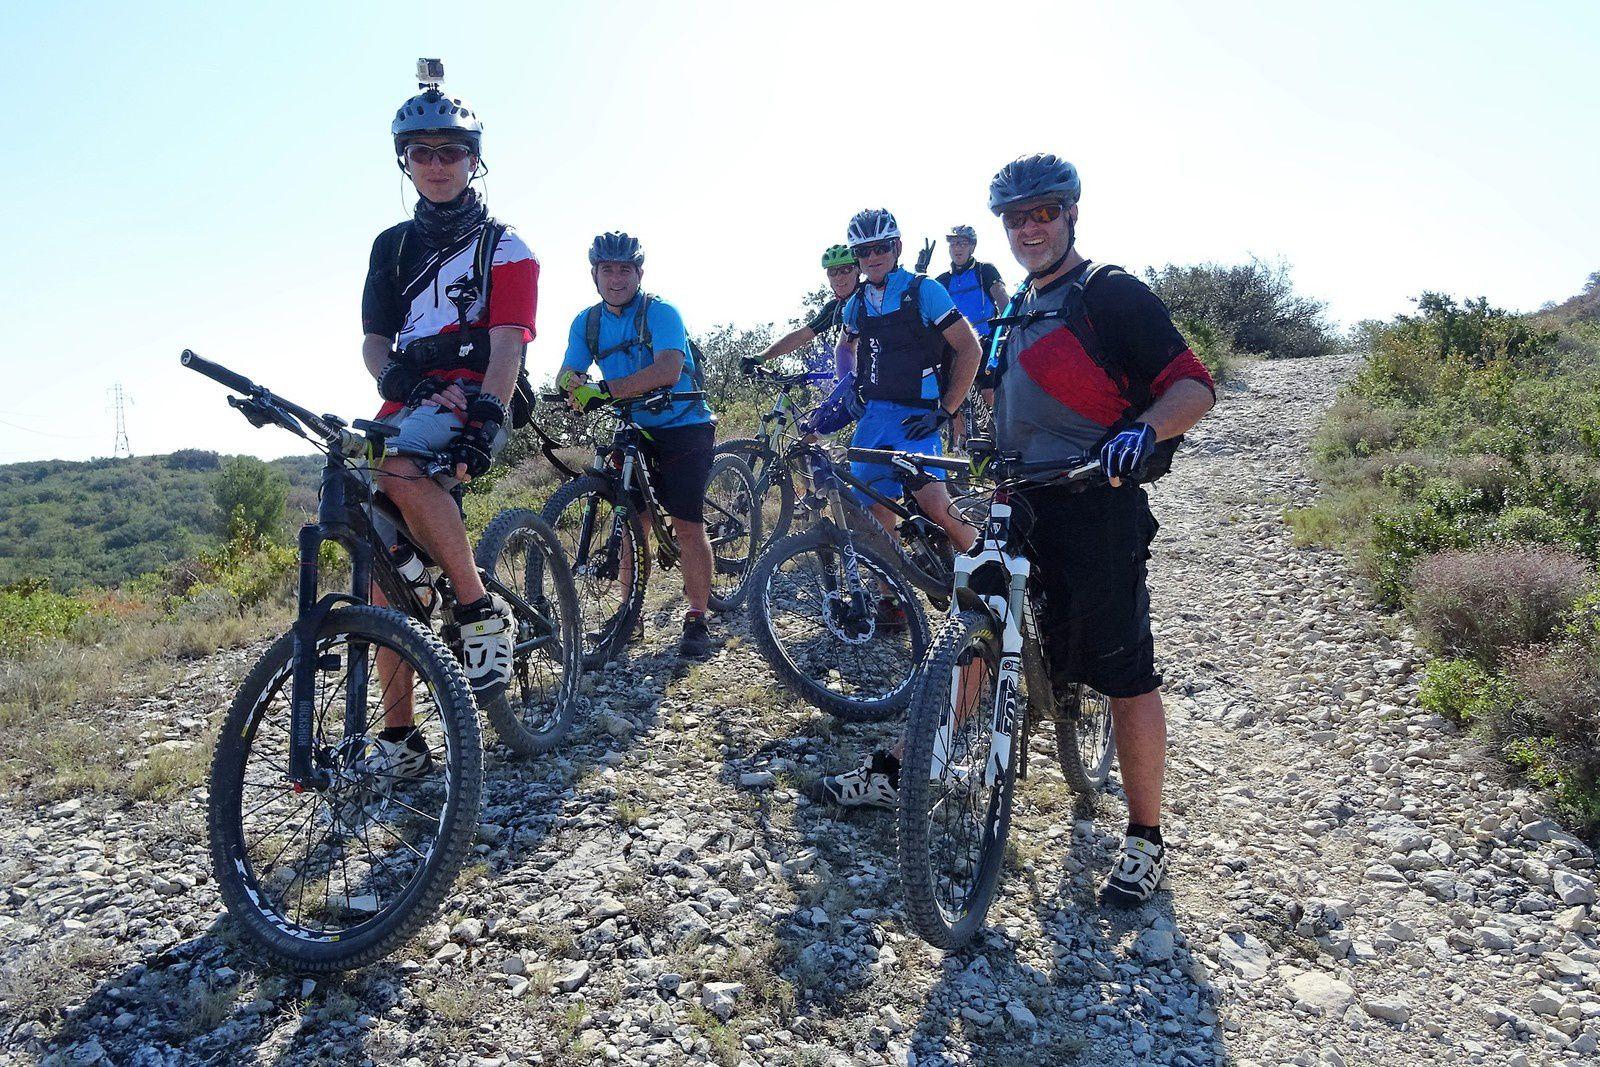 La fine équipe : Fabien et Stef au premier plan, Jeff et Olive au second, Dan et Vincent à l'arrière. Julien et Hervé ont préféré poursuivre leur chemin tranquillement.